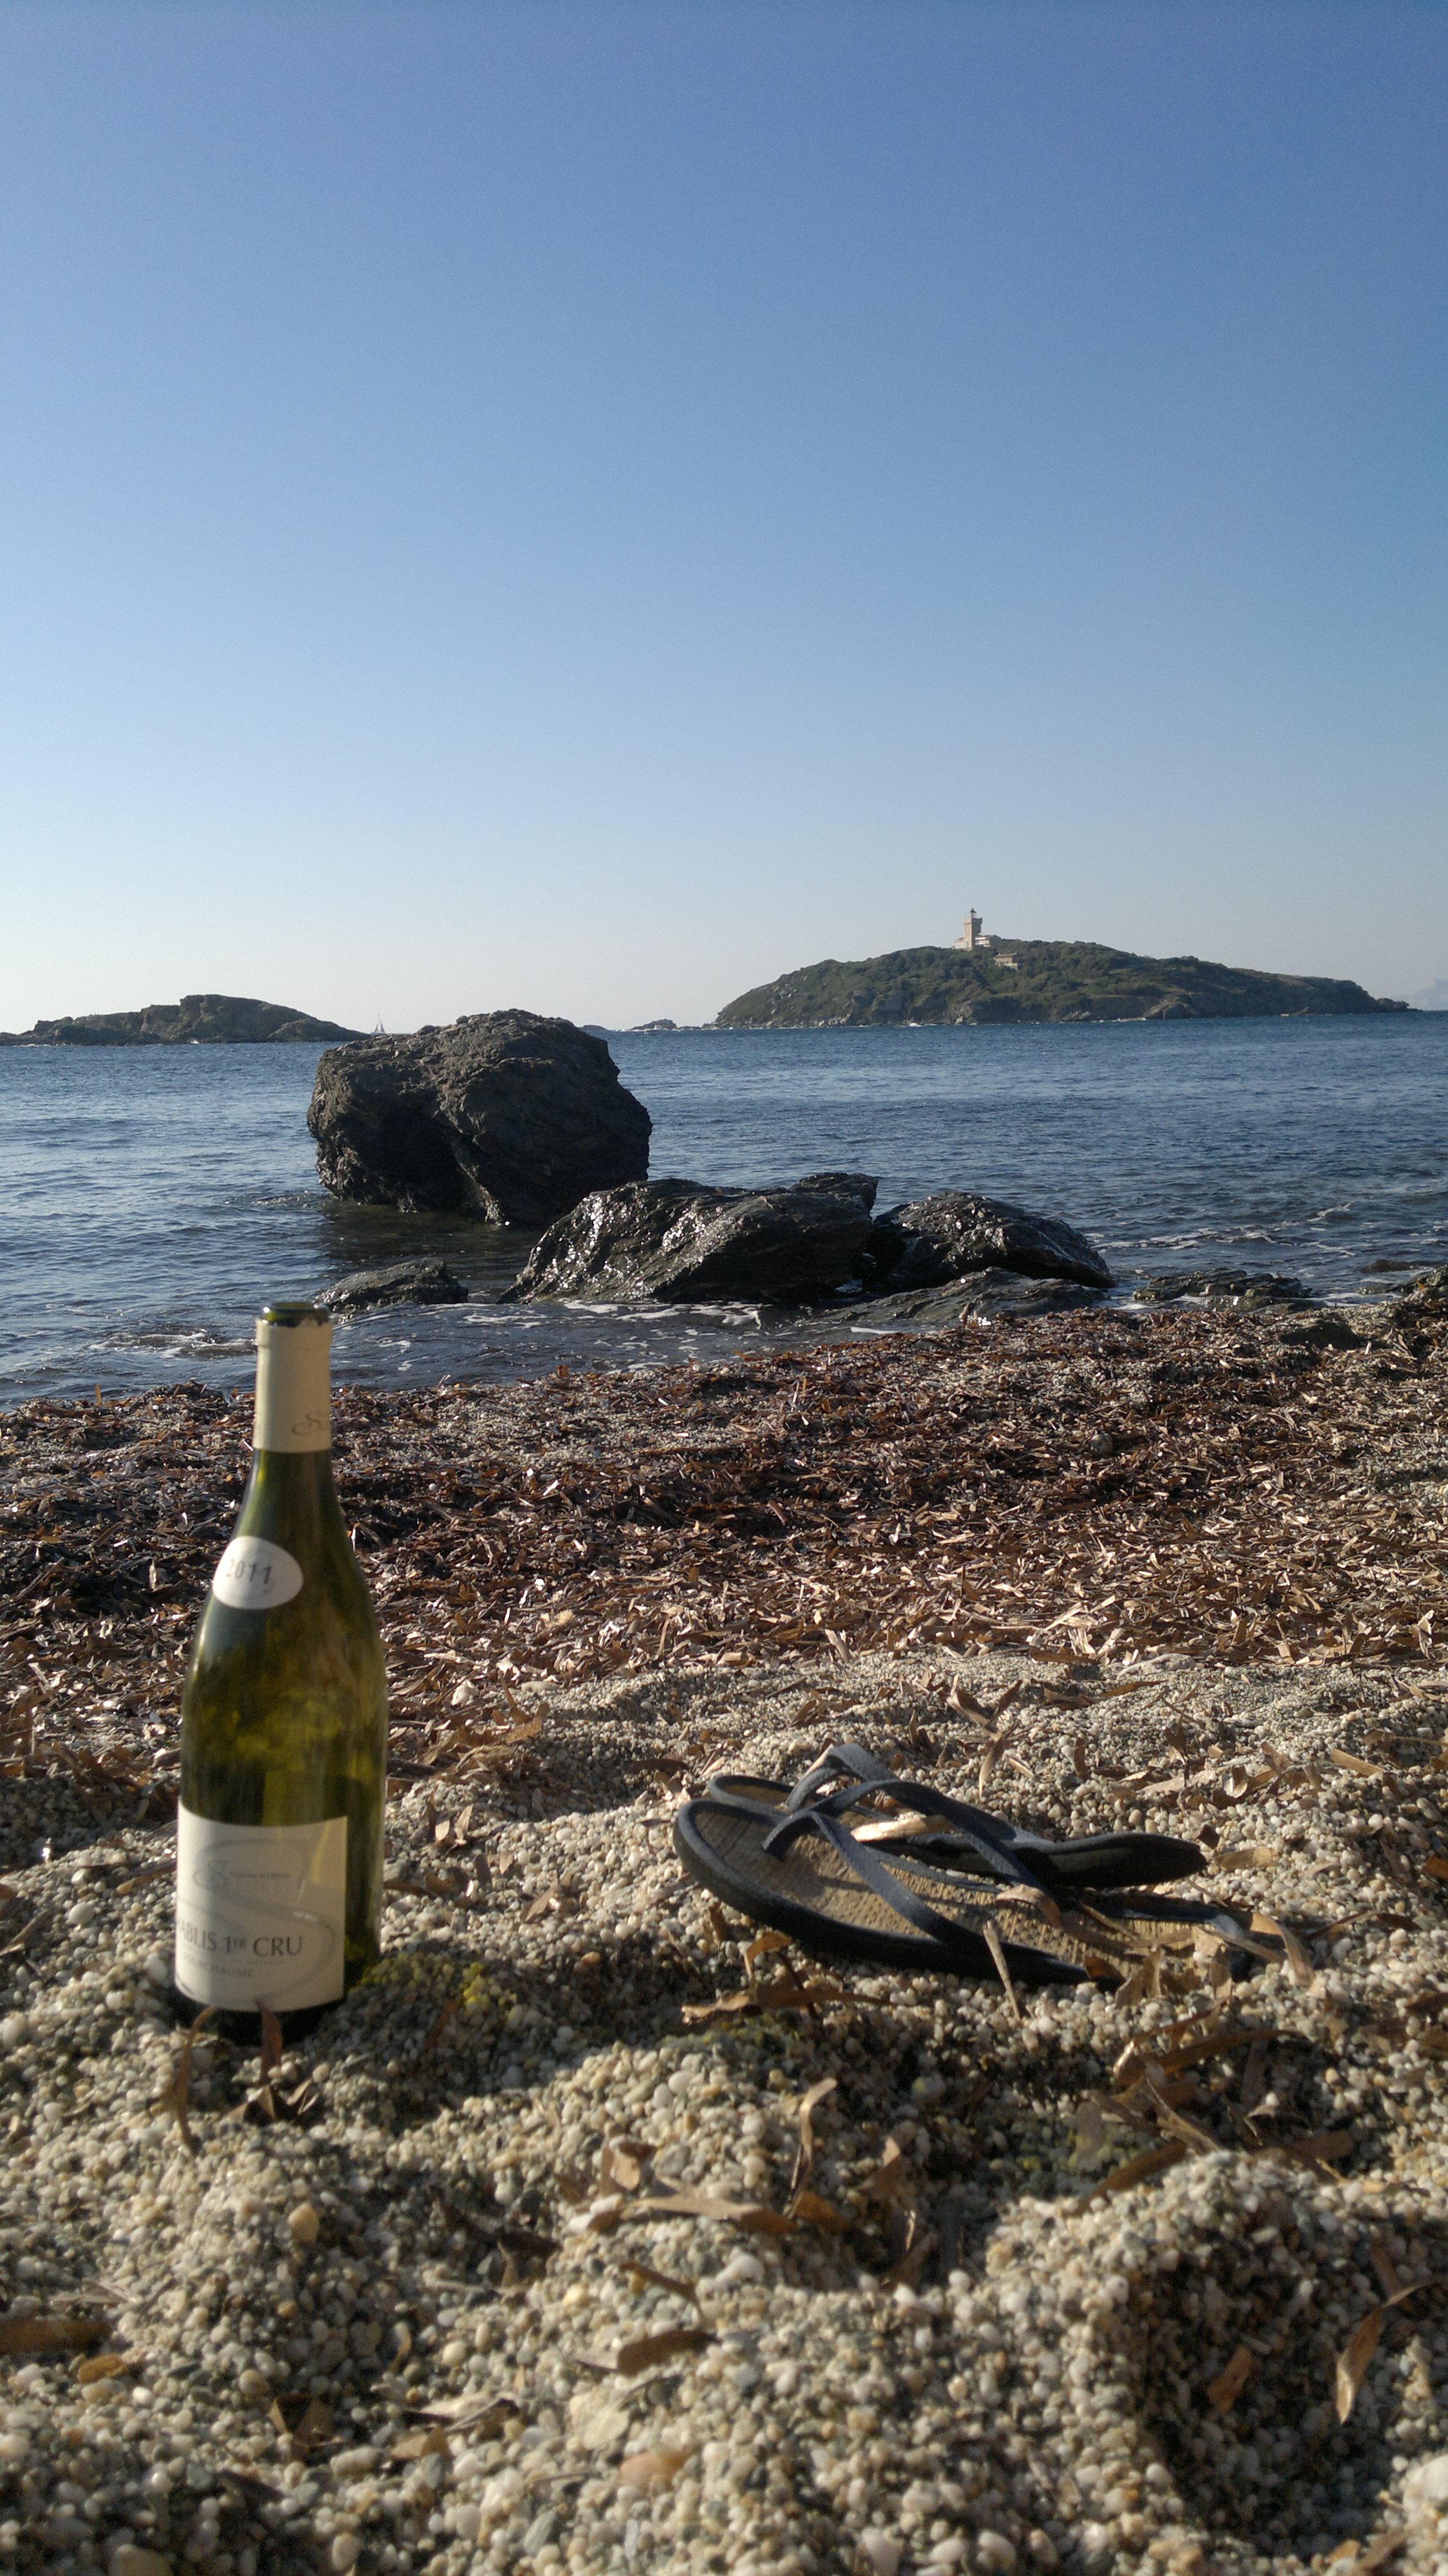 2015-11-01 1009 (Île des Embiez)